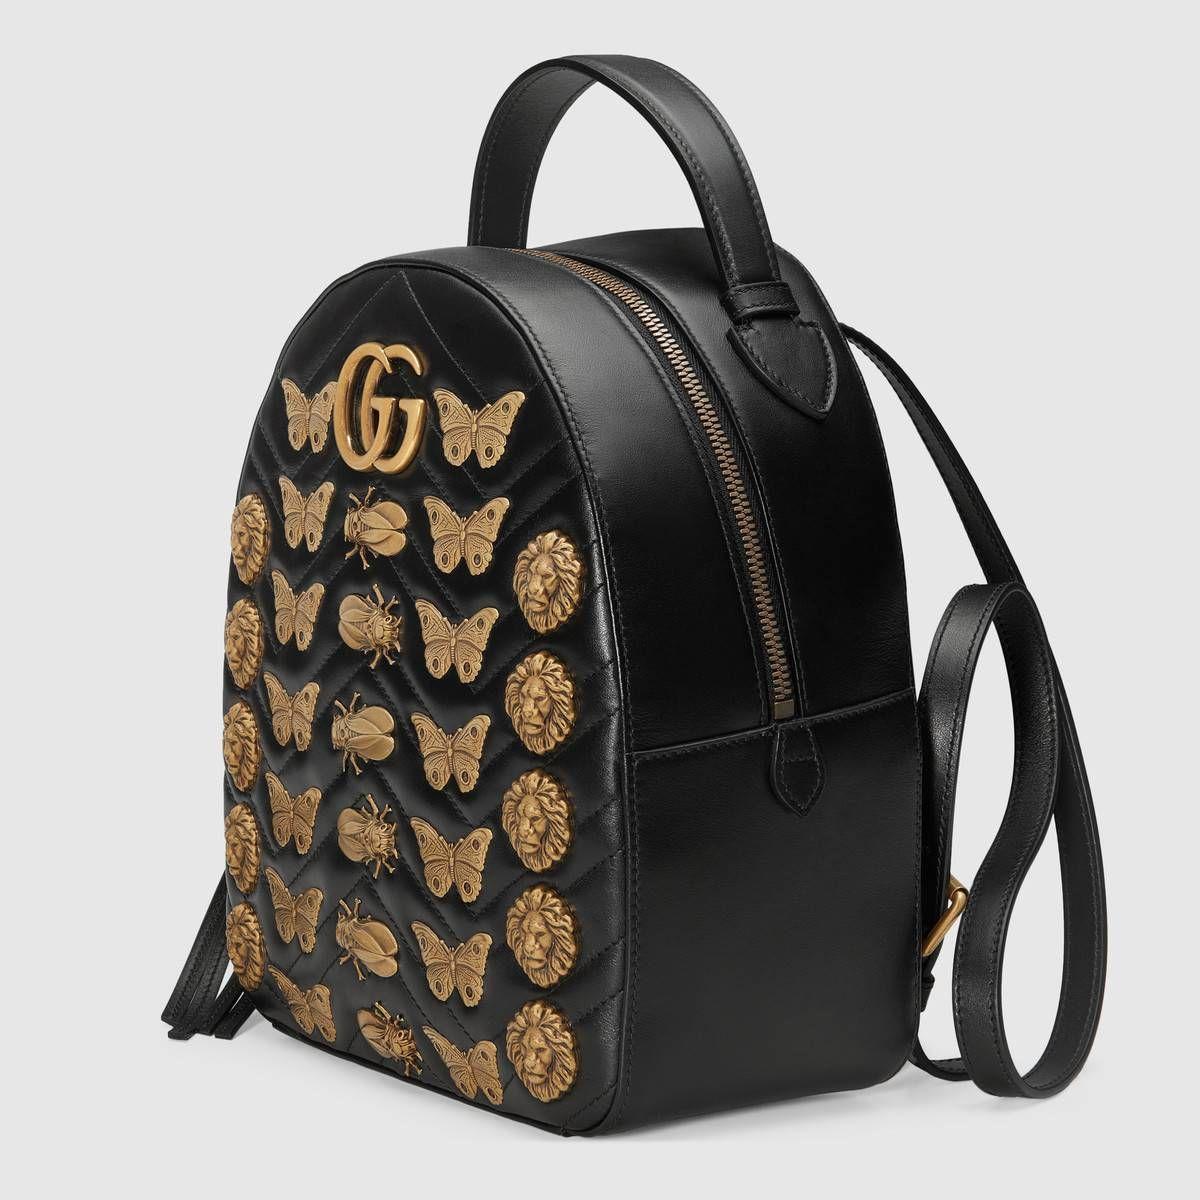 565a0328c Gucci Mochila GG Marmont de Piel con Tachuelas de Animales Detail 2 ...